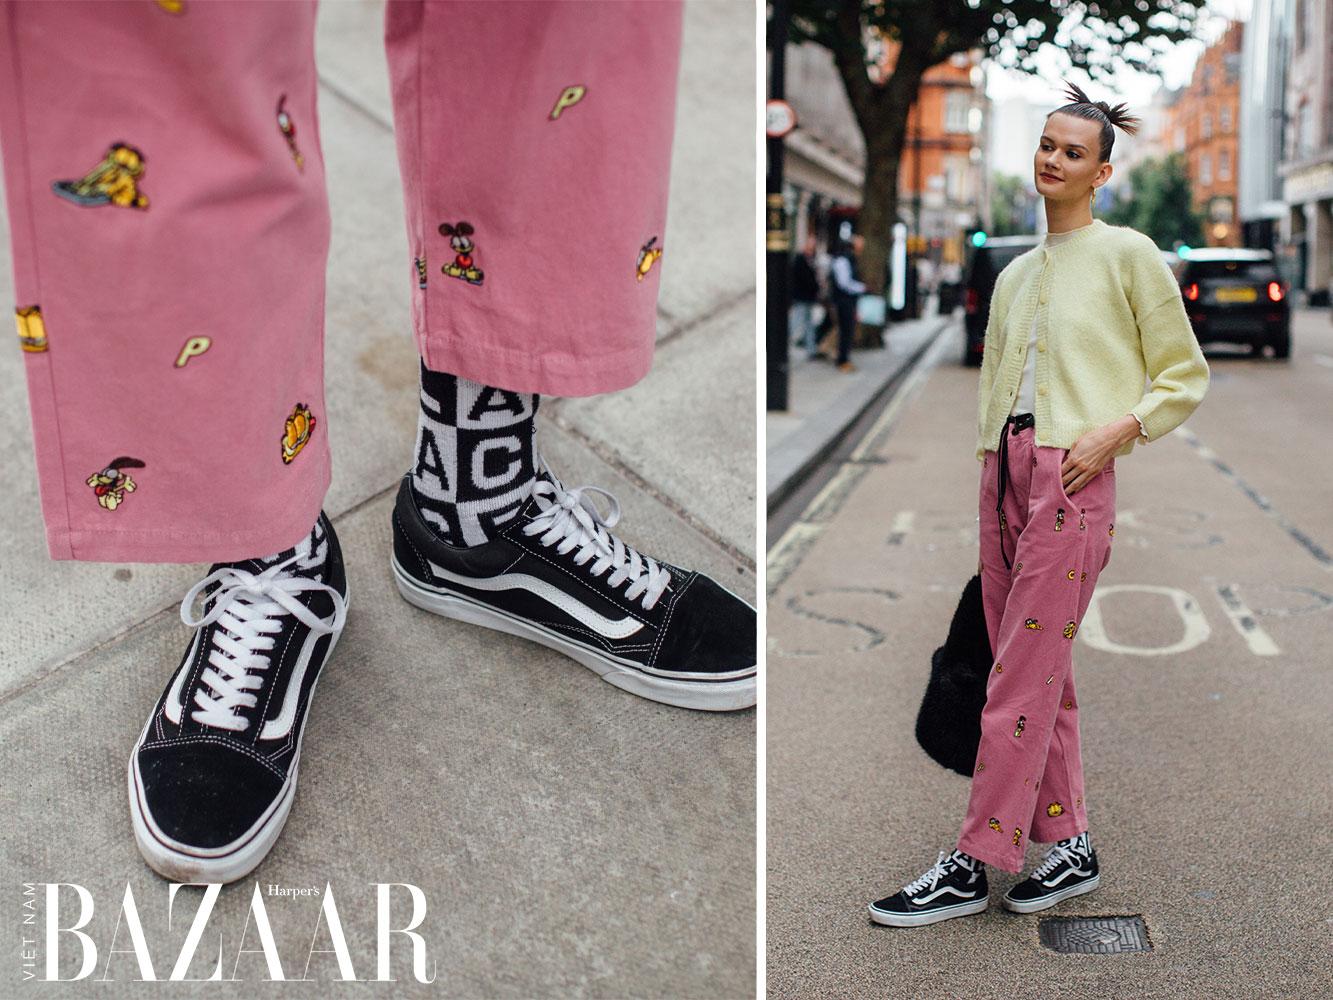 Street style tuần lễ thời trang London Xuân Hè 2022 8